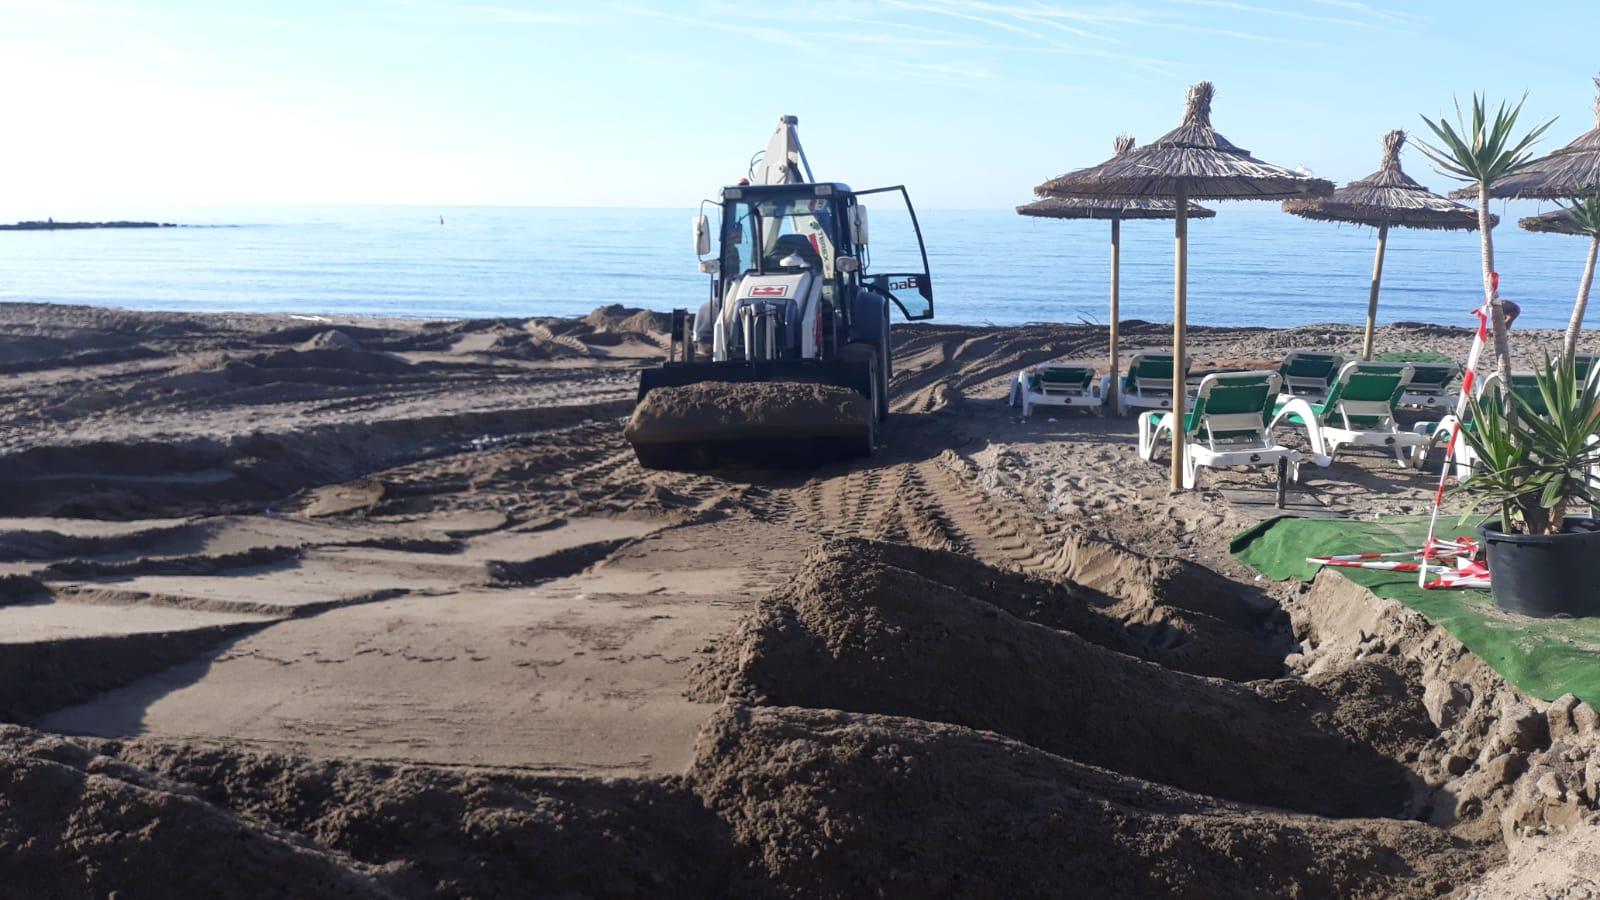 El Equipo de Gobierno destaca el esfuerzo de todos los trabajadores para retirar los residuos del temporal de las playas